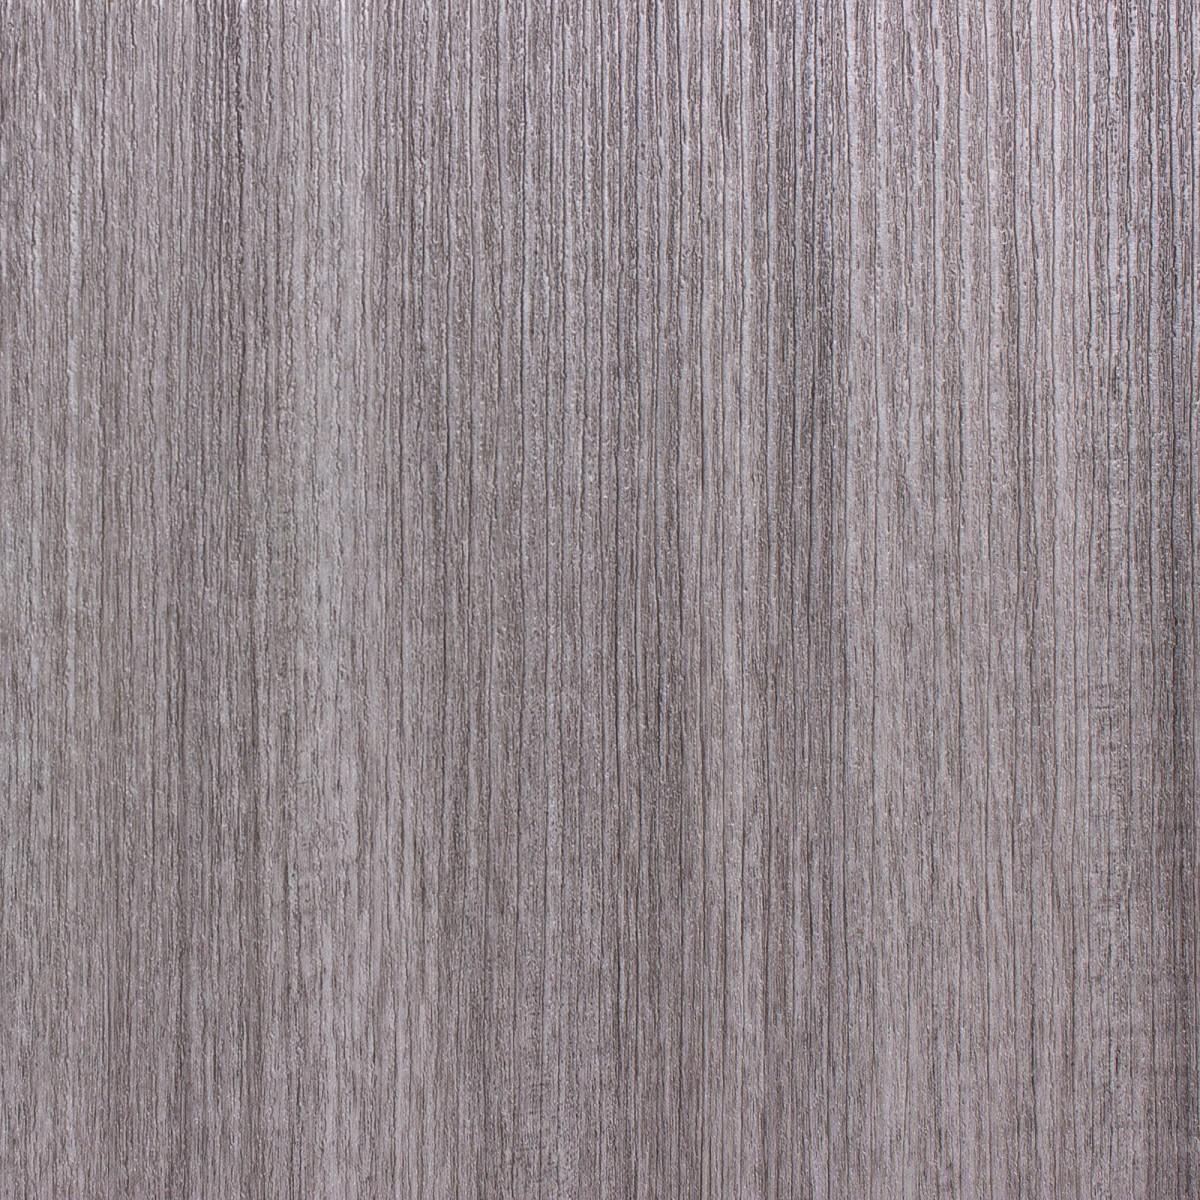 Дверь Межкомнатная Остеклённая Artens Мария 60x200 Цвет Серый Дуб